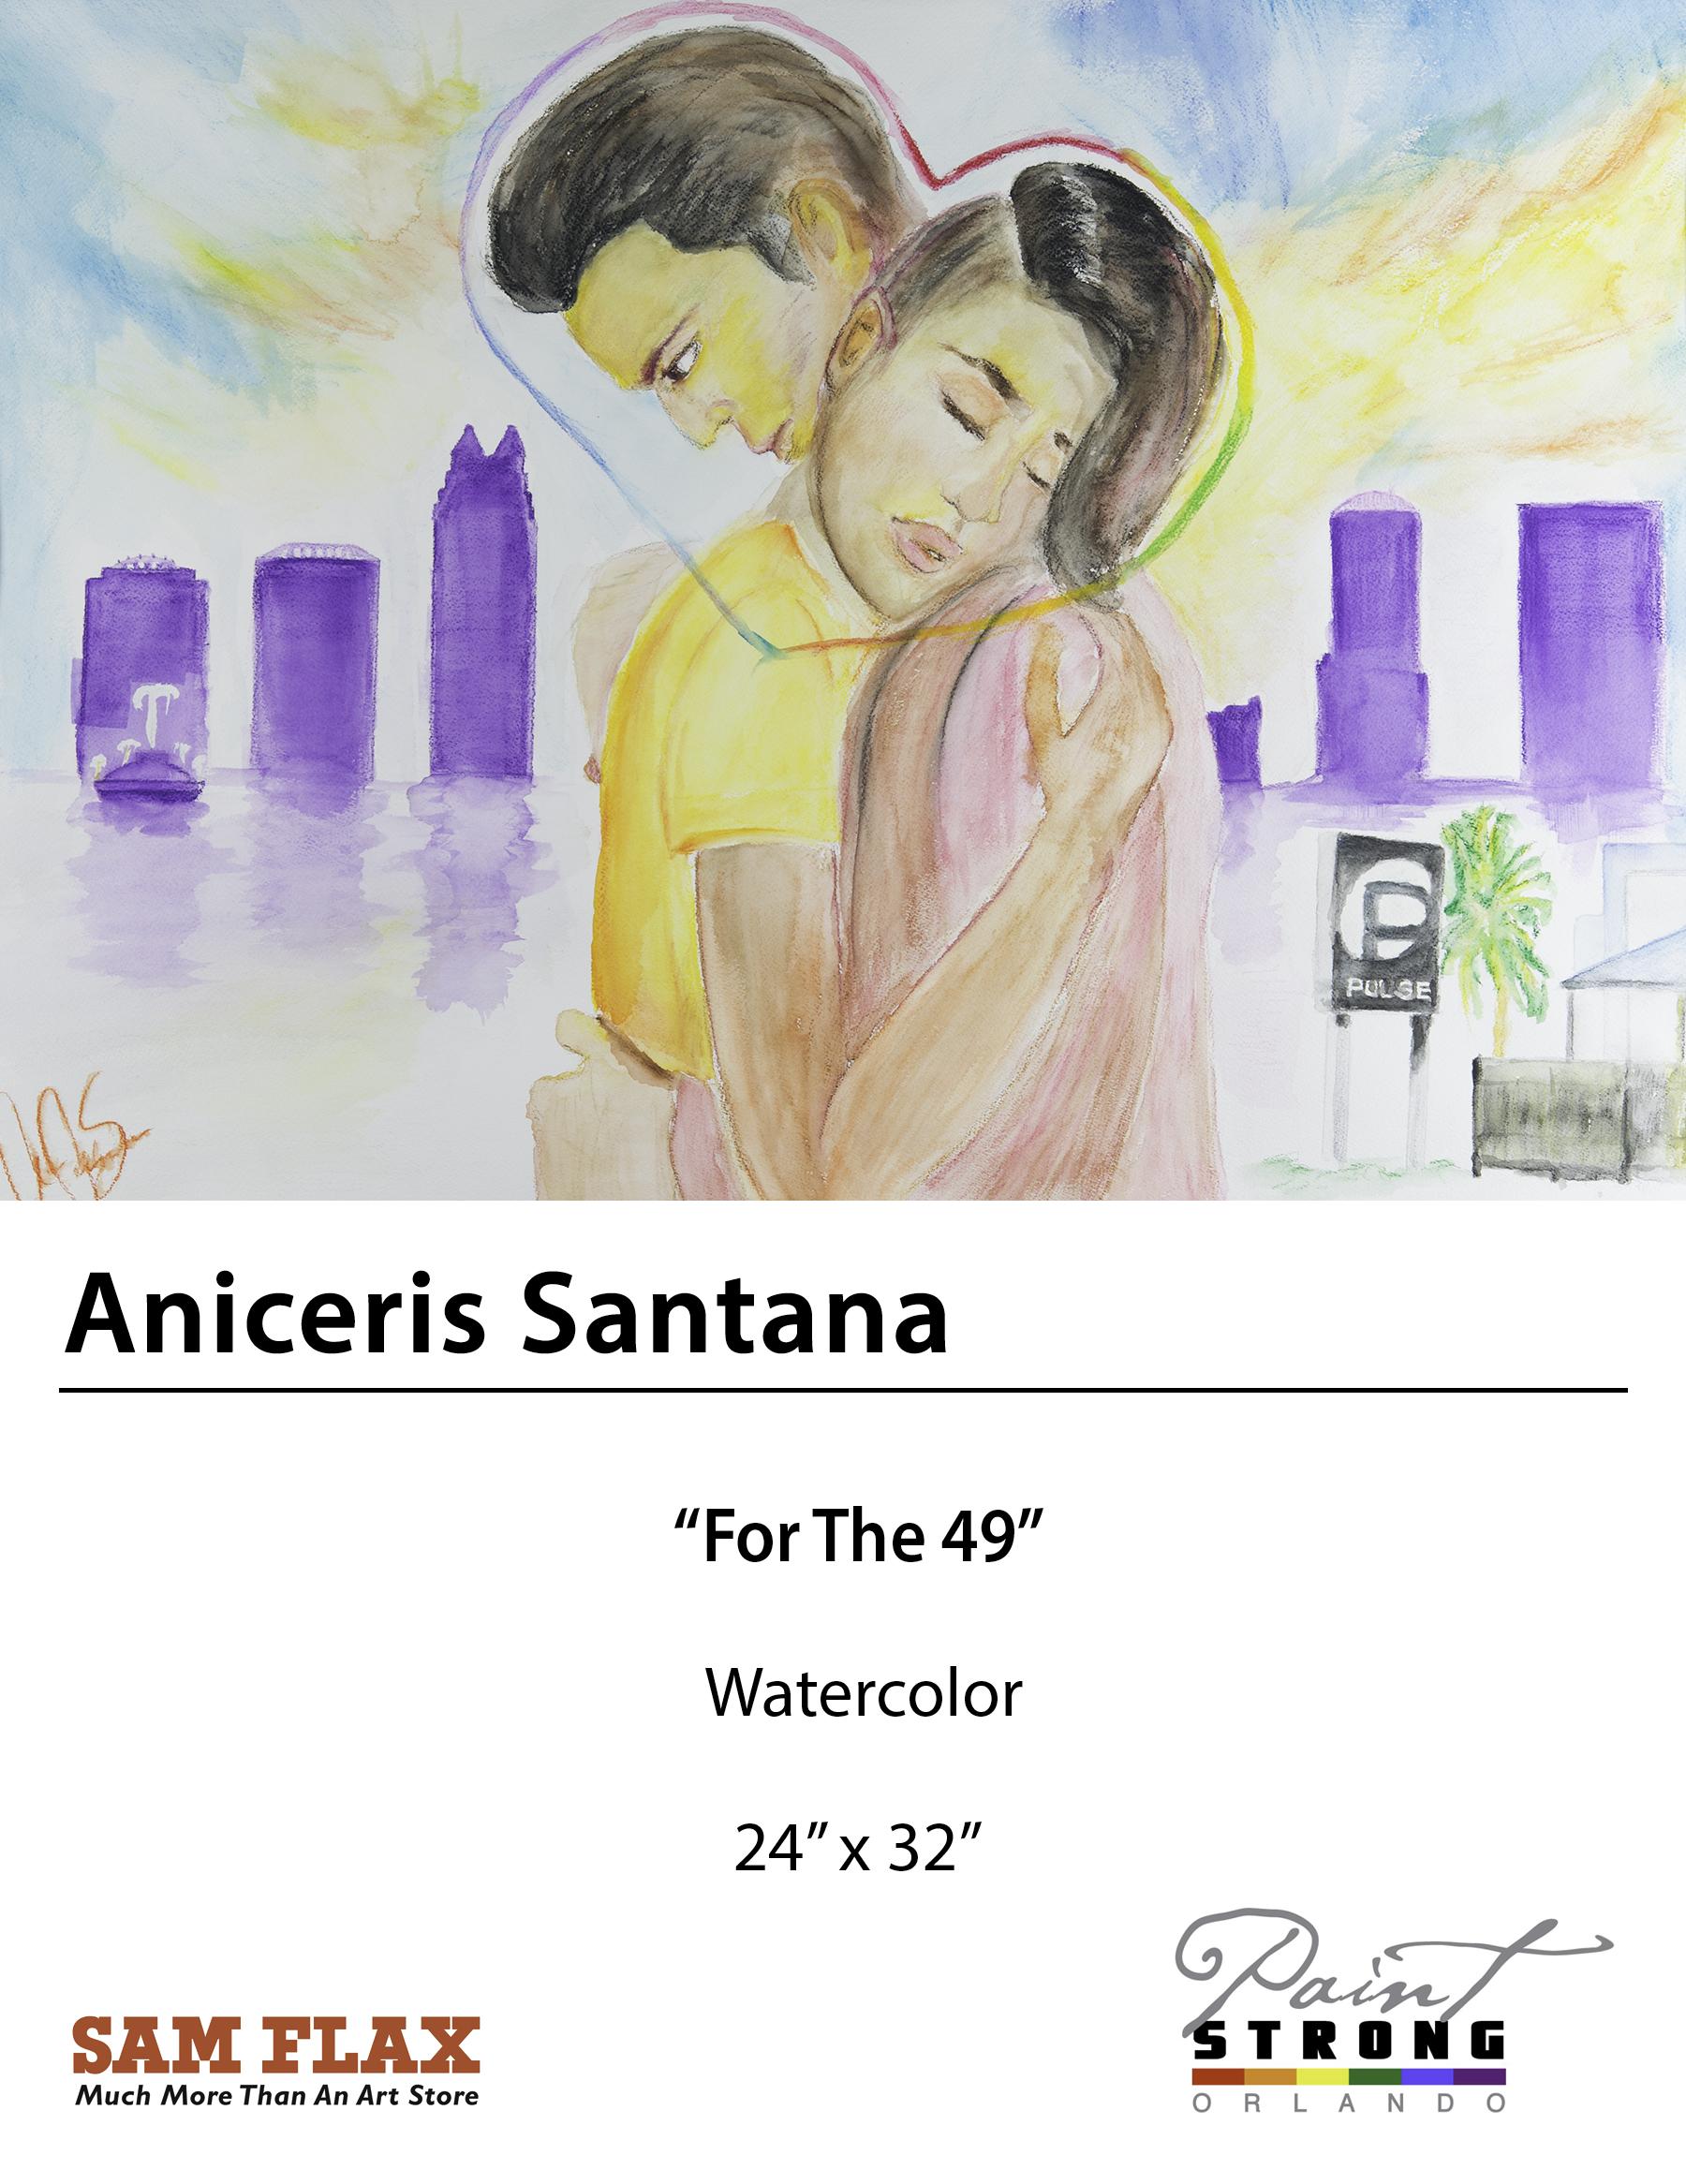 Aniceris Santana